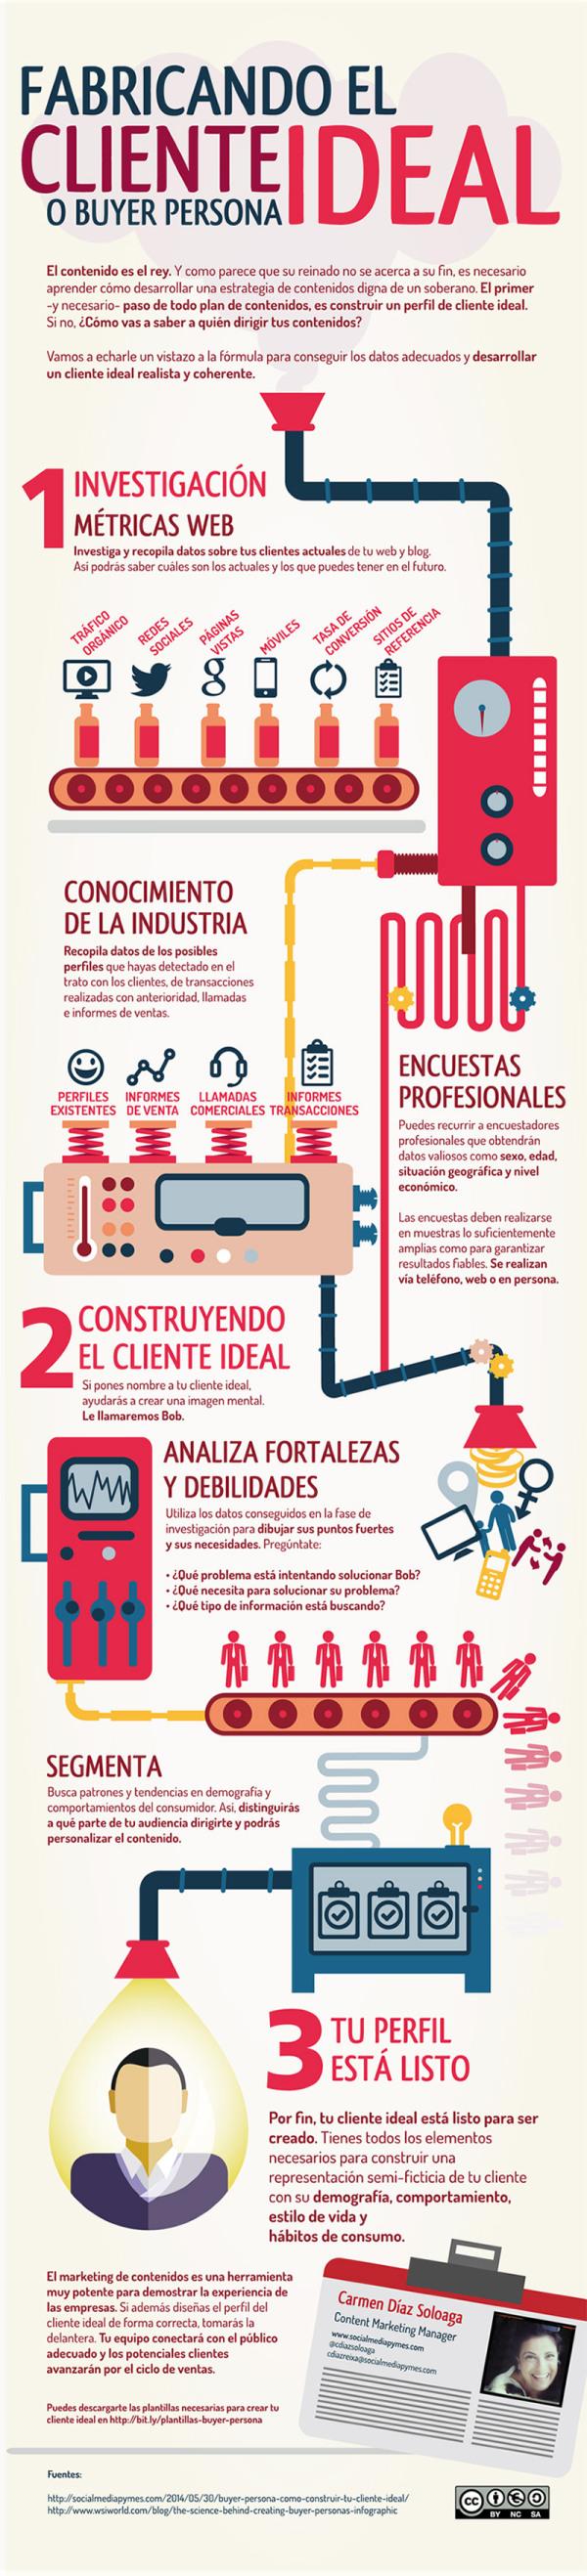 Construyendo el cliente ideal